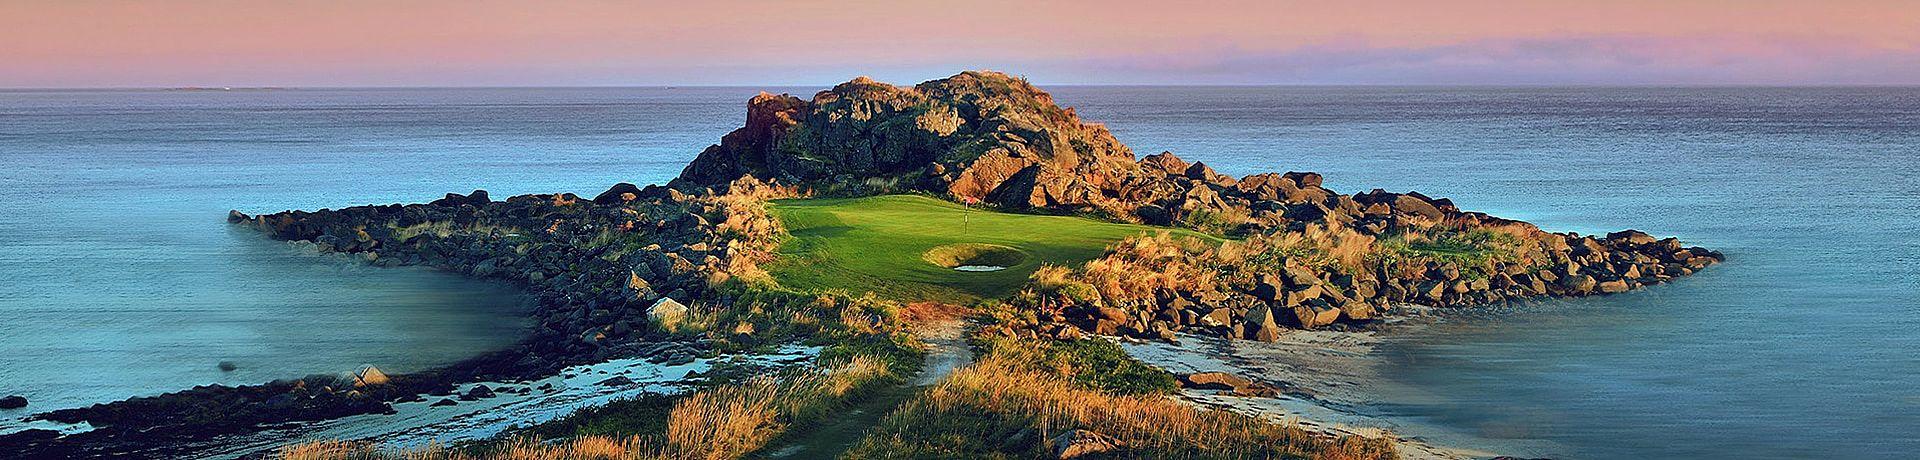 Golfclub Lofoten von SjömansArt